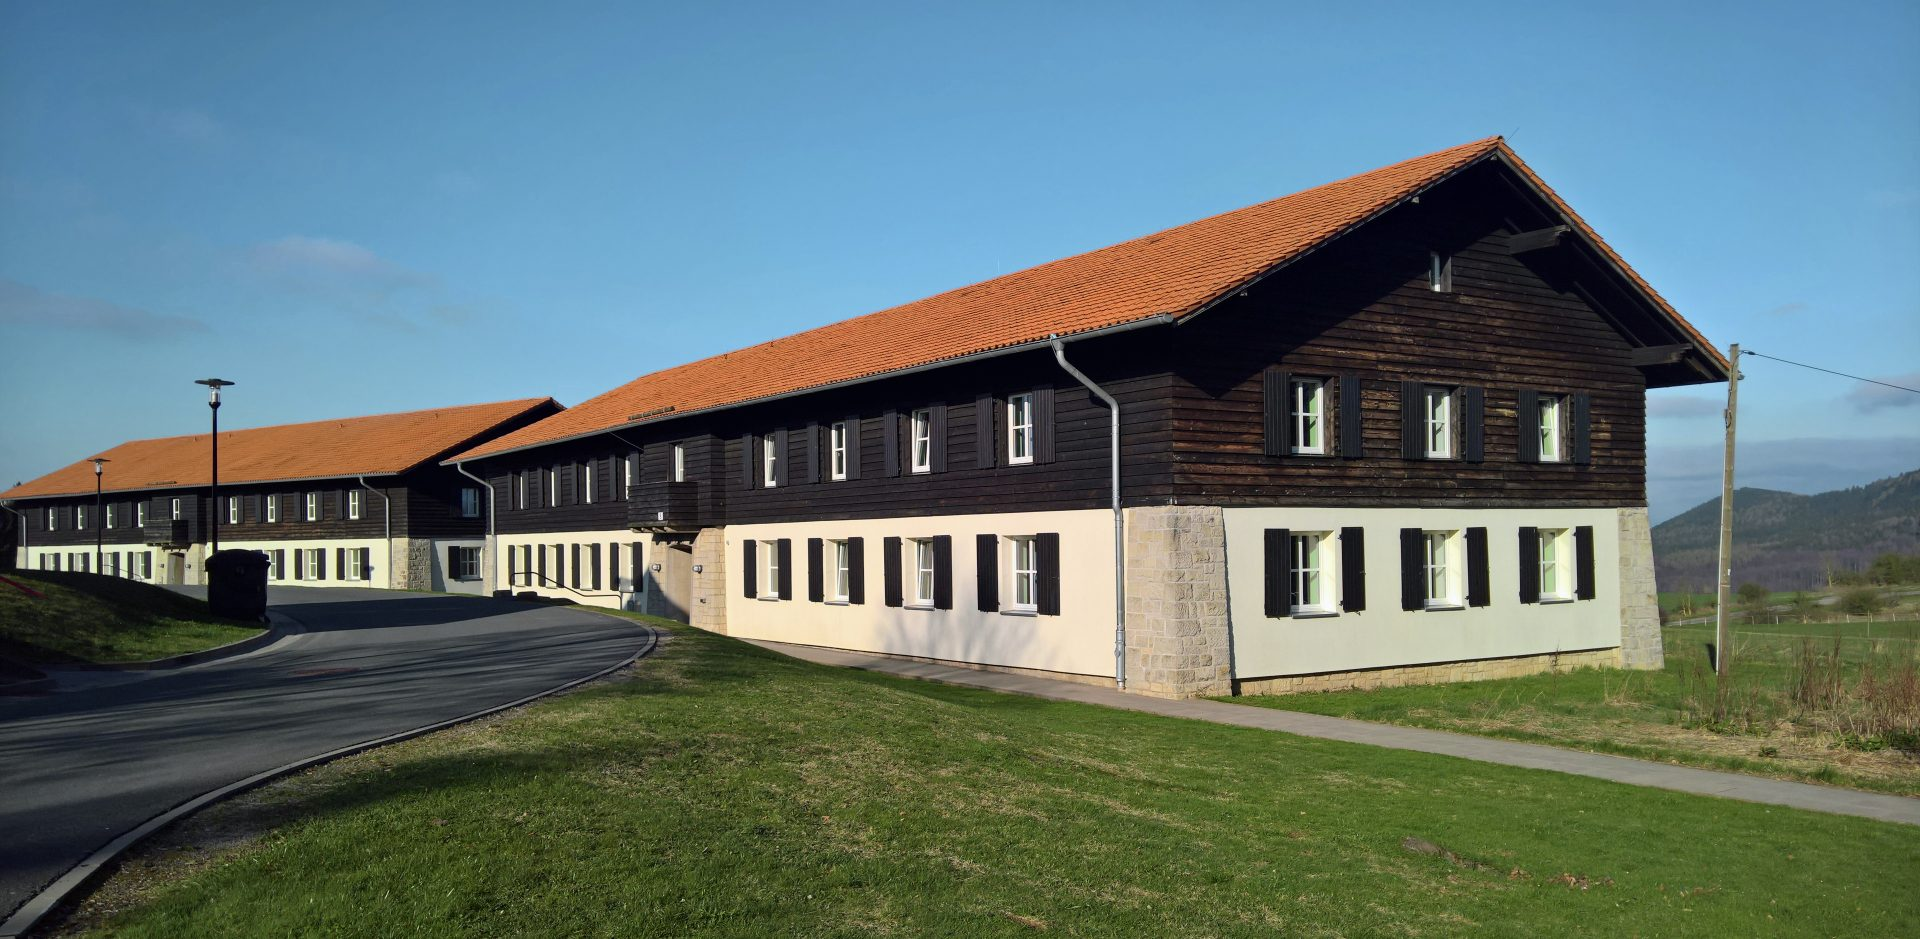 http://www.stricker-architekten.de/projekte/bildungszentrum-am-ith-sanierung/